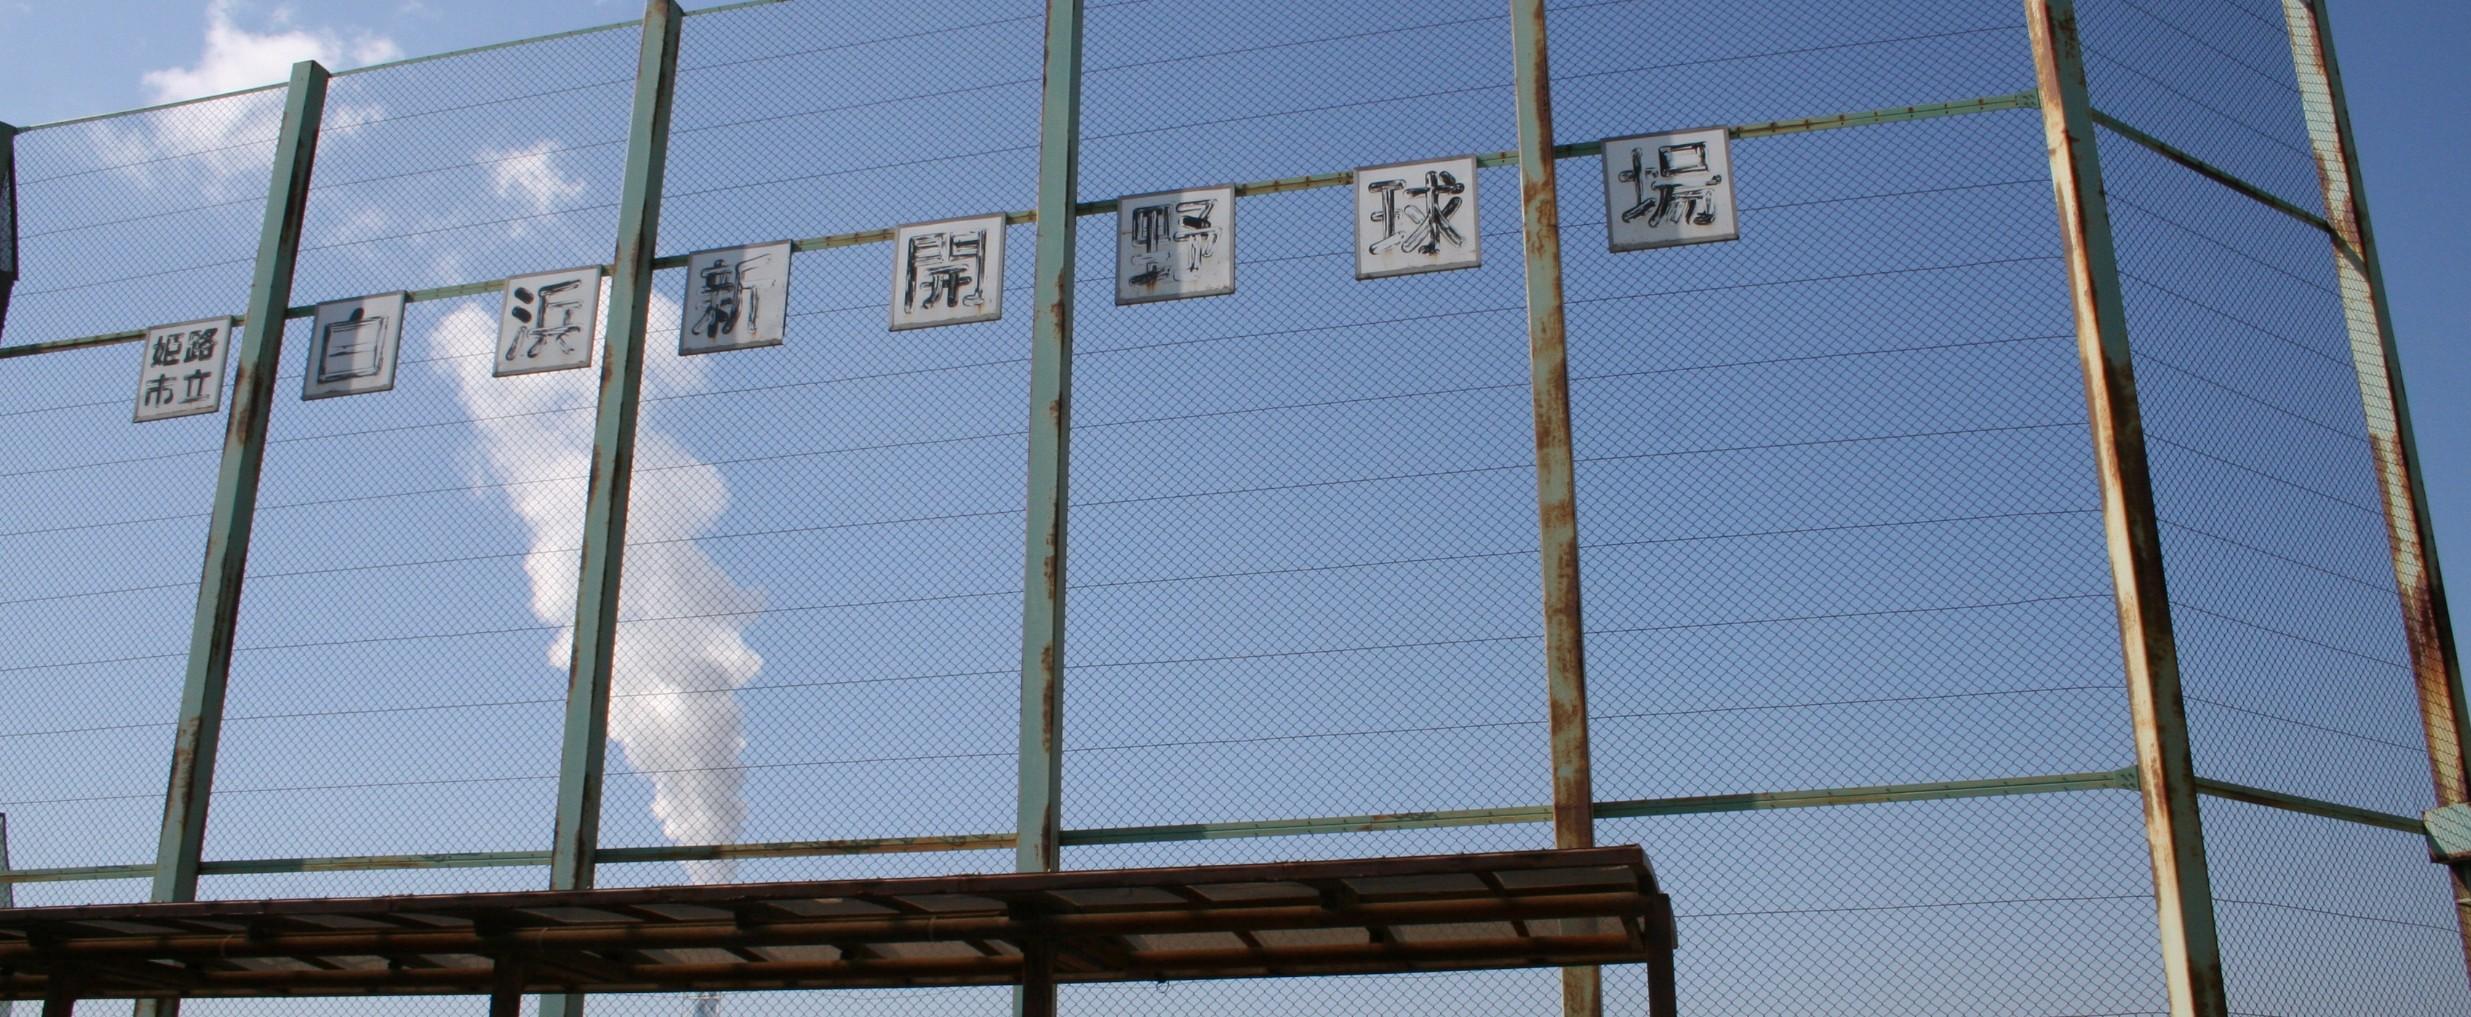 姫路市立白浜新開野球場イメージ画像